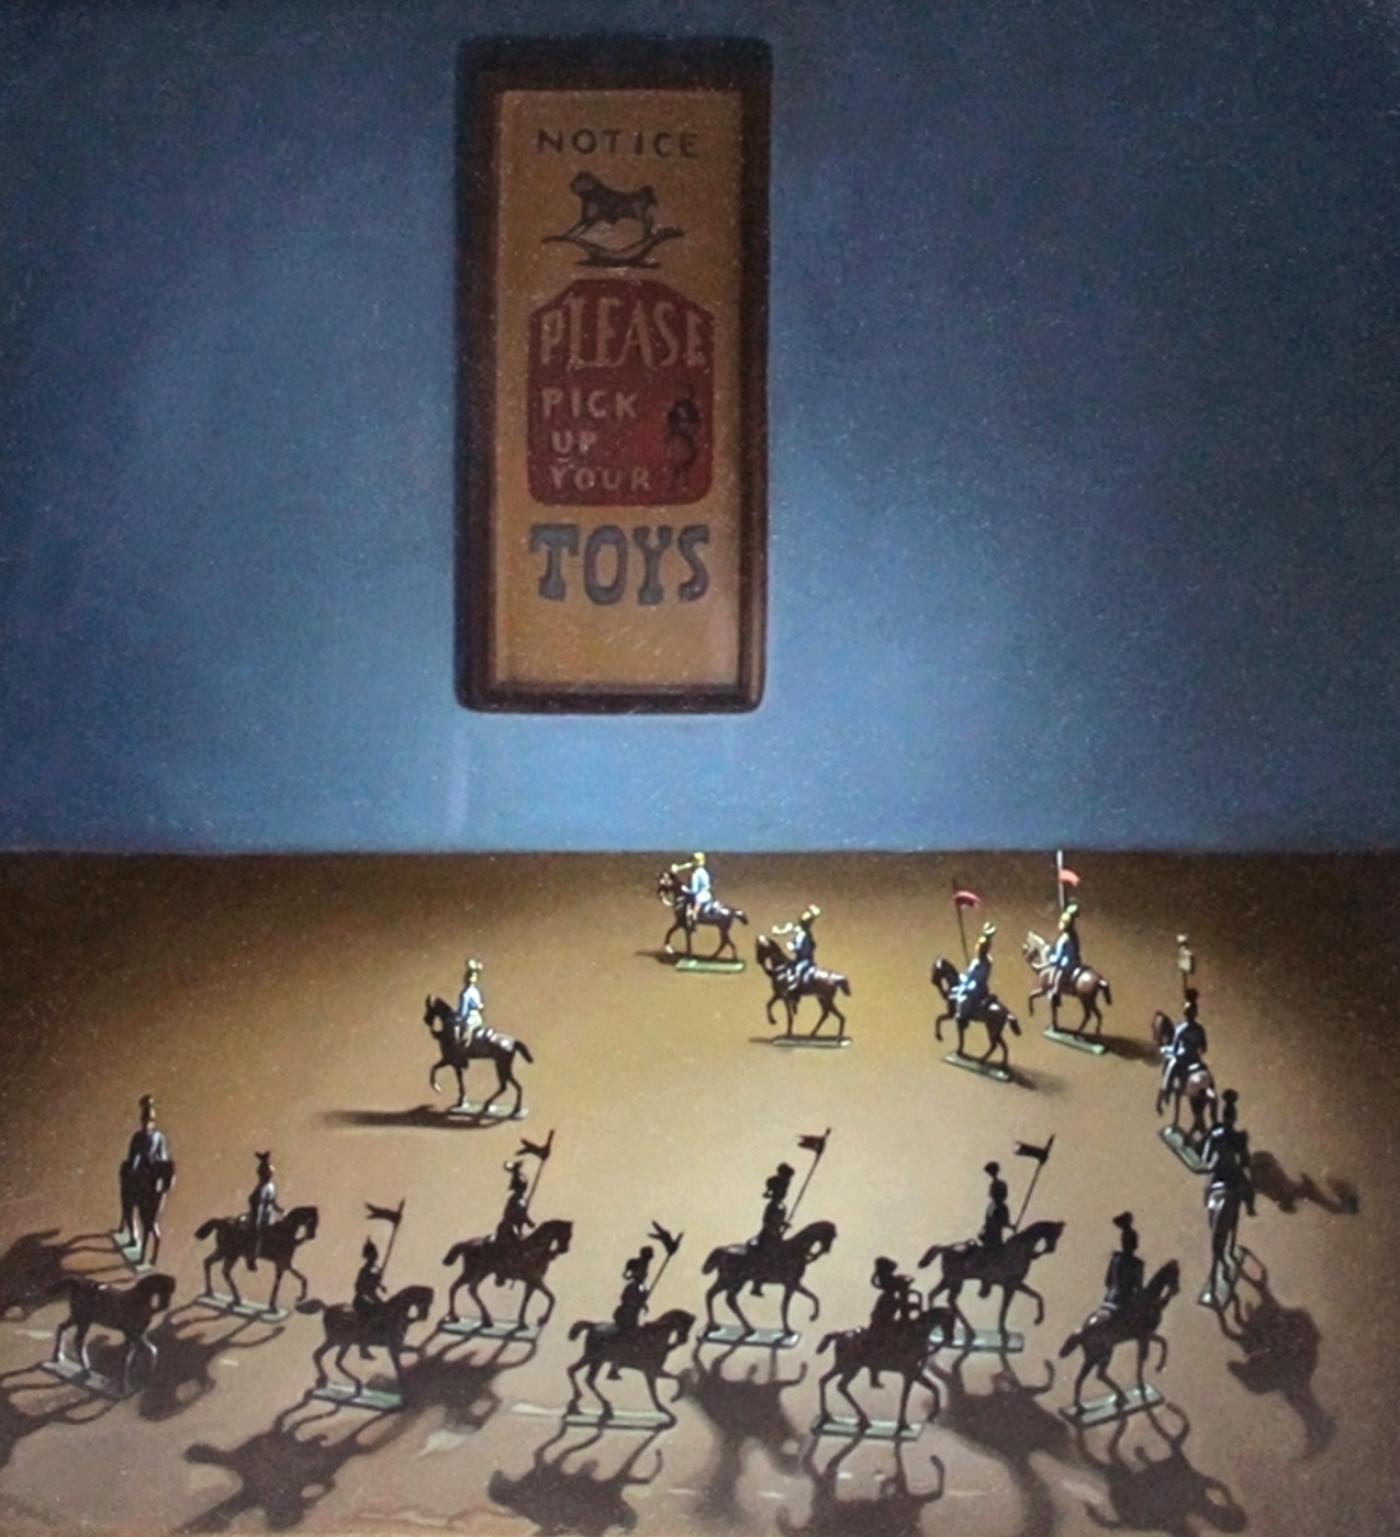 Priscilla-Warren-Roberts-Pick-Up-Your-Toys-113812-49413.jpg